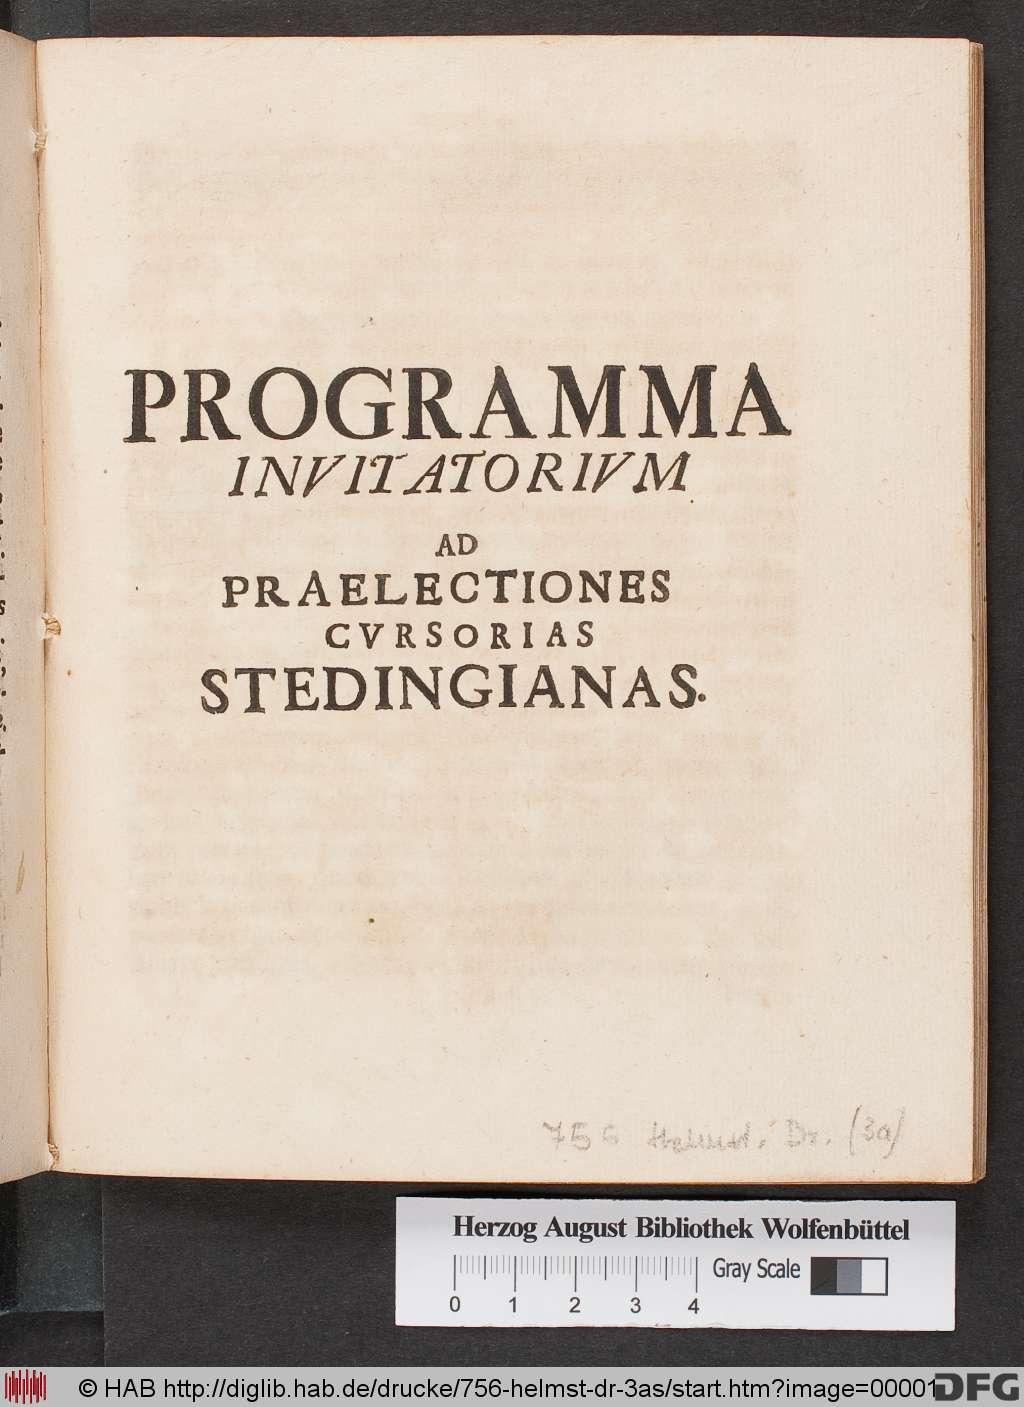 http://diglib.hab.de/drucke/756-helmst-dr-3as/00001.jpg